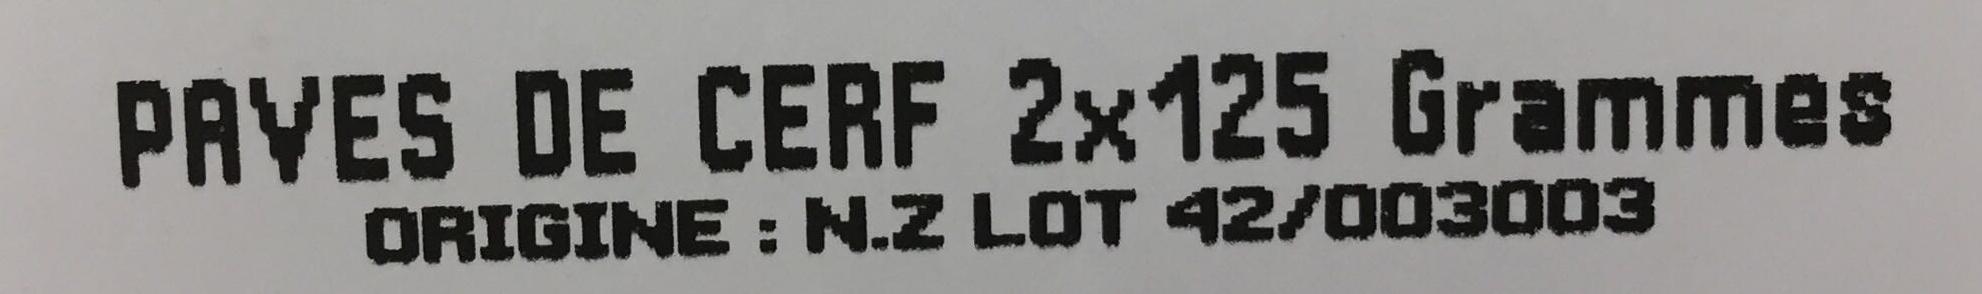 2 pavés de Cerf congelés - Ingrédients